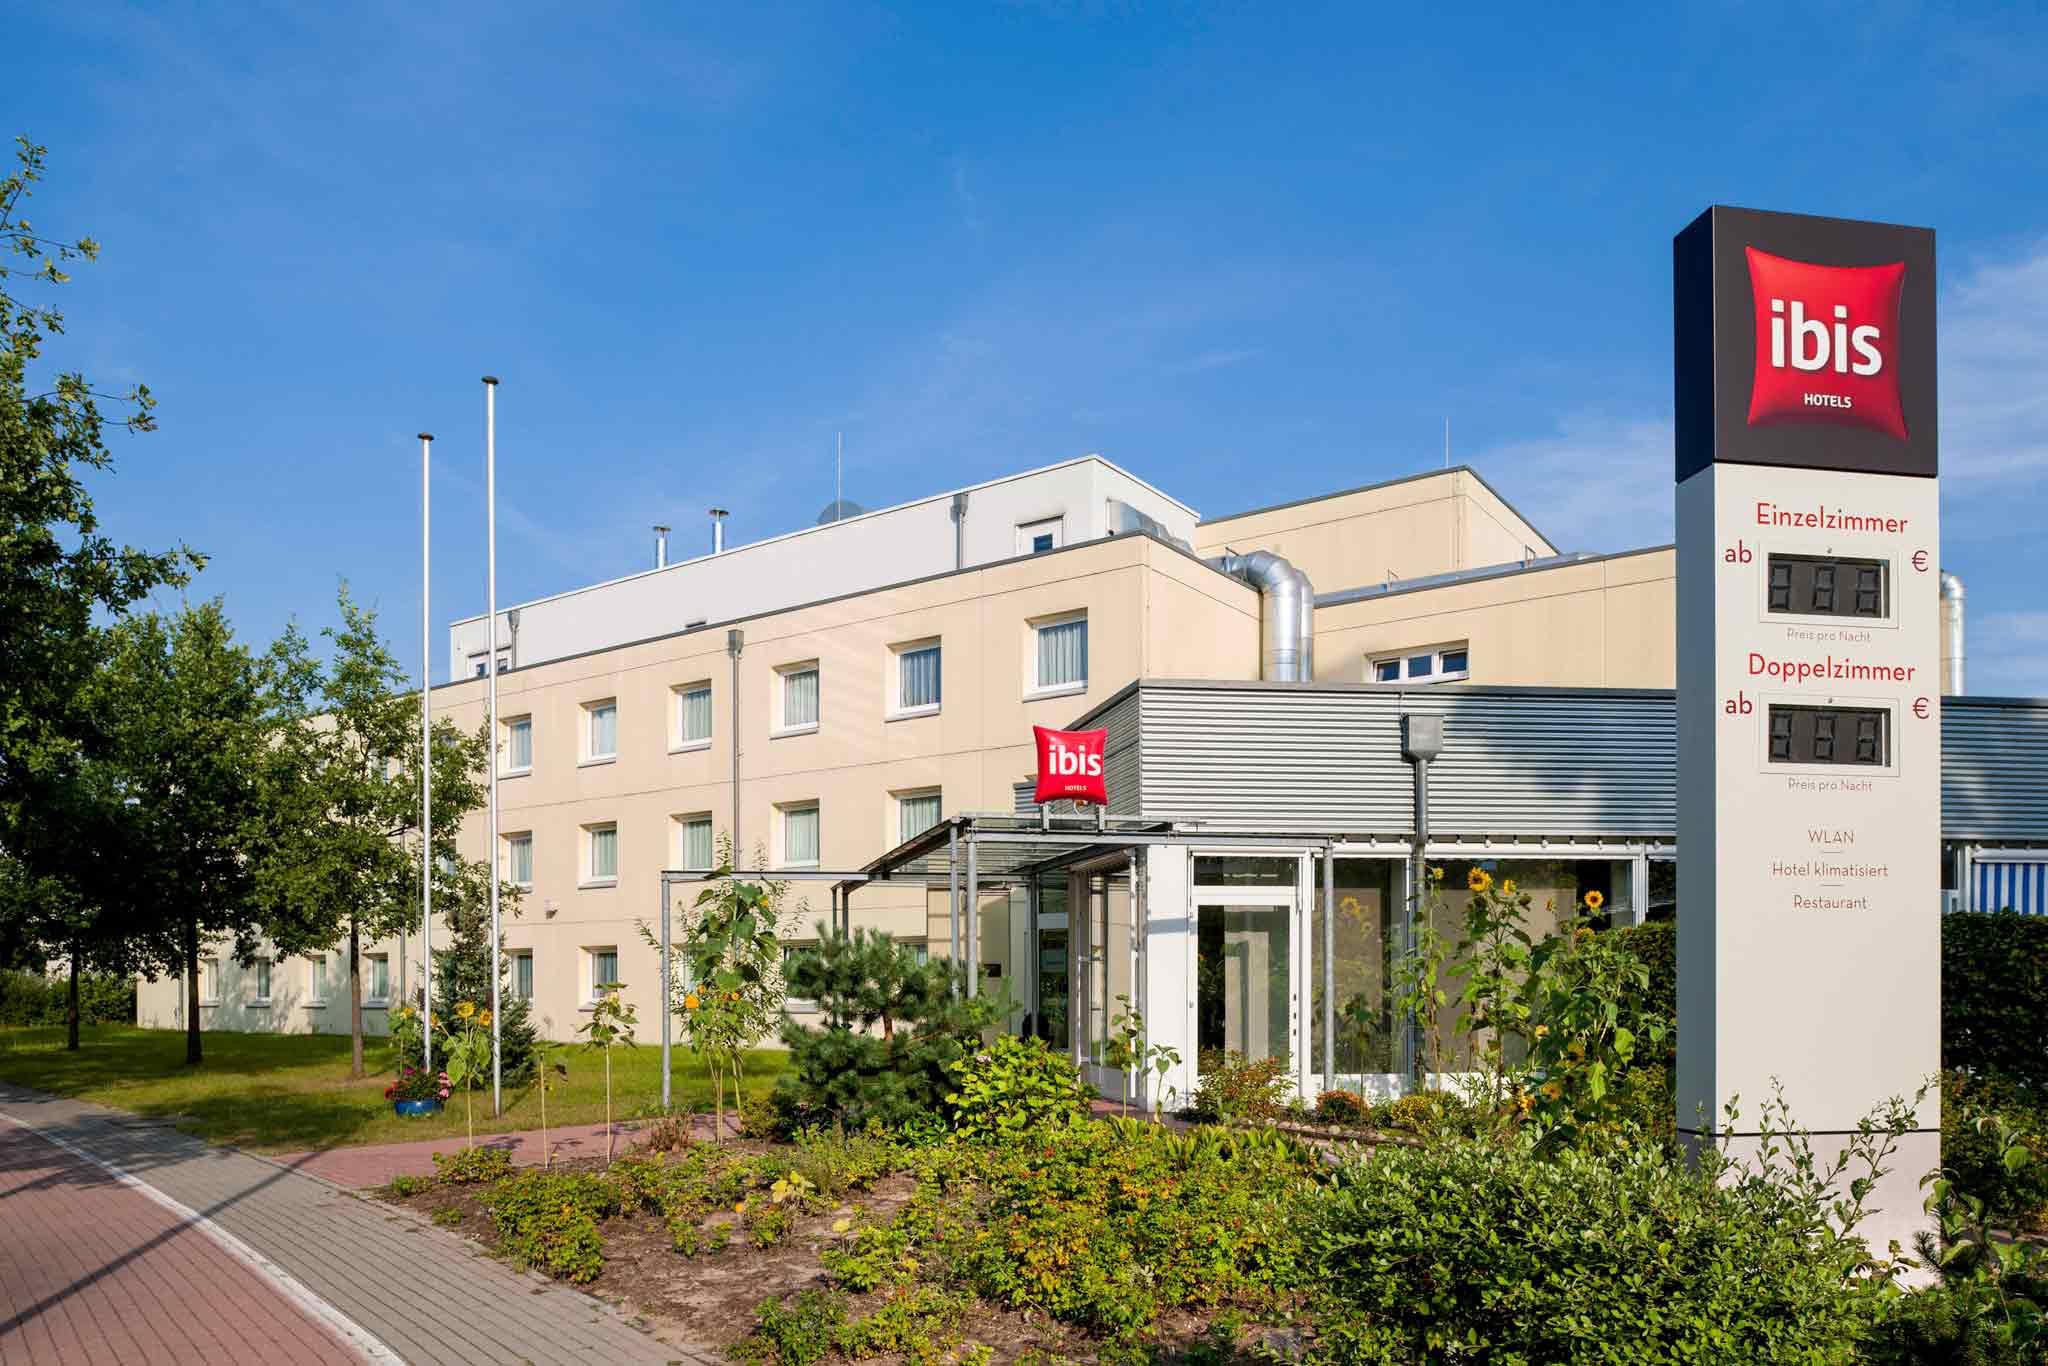 Ibis Hotel Berlin Dreilinden Kleinmachnow Exterior 1